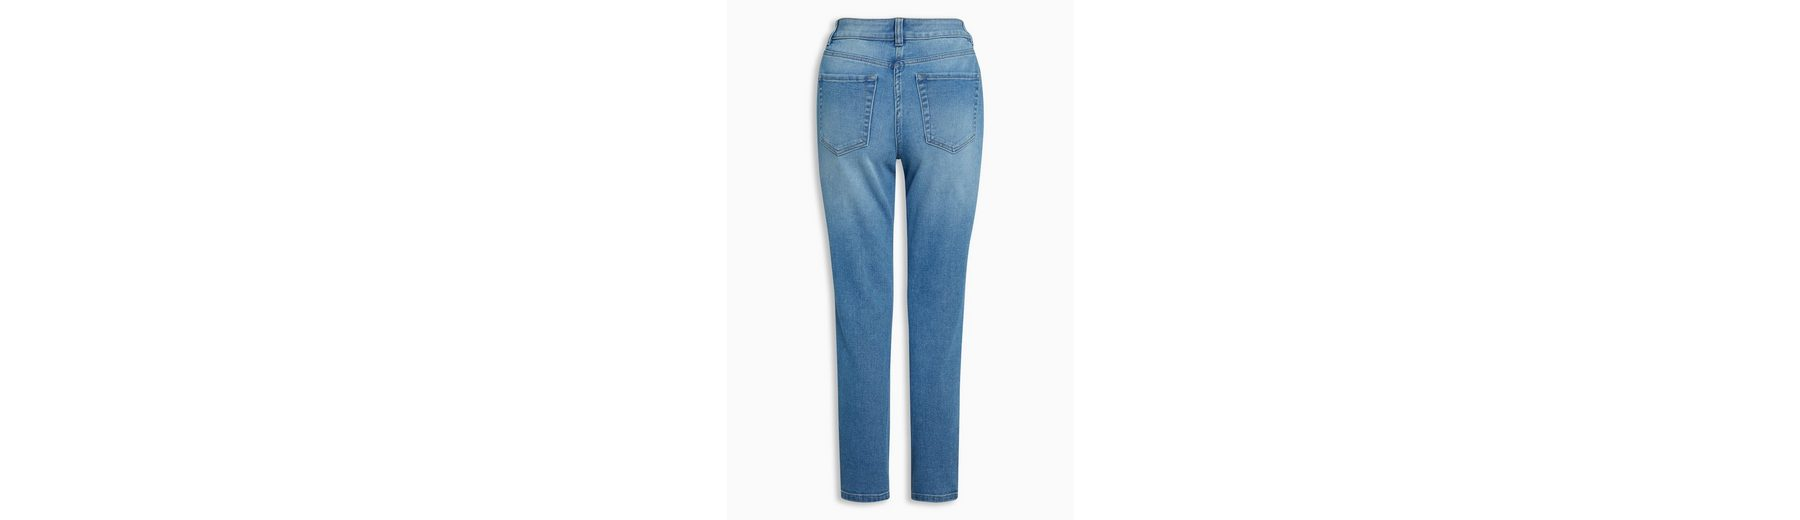 Mom Next Jeans Mom Mom Next Next Jeans n0wqUW7dW